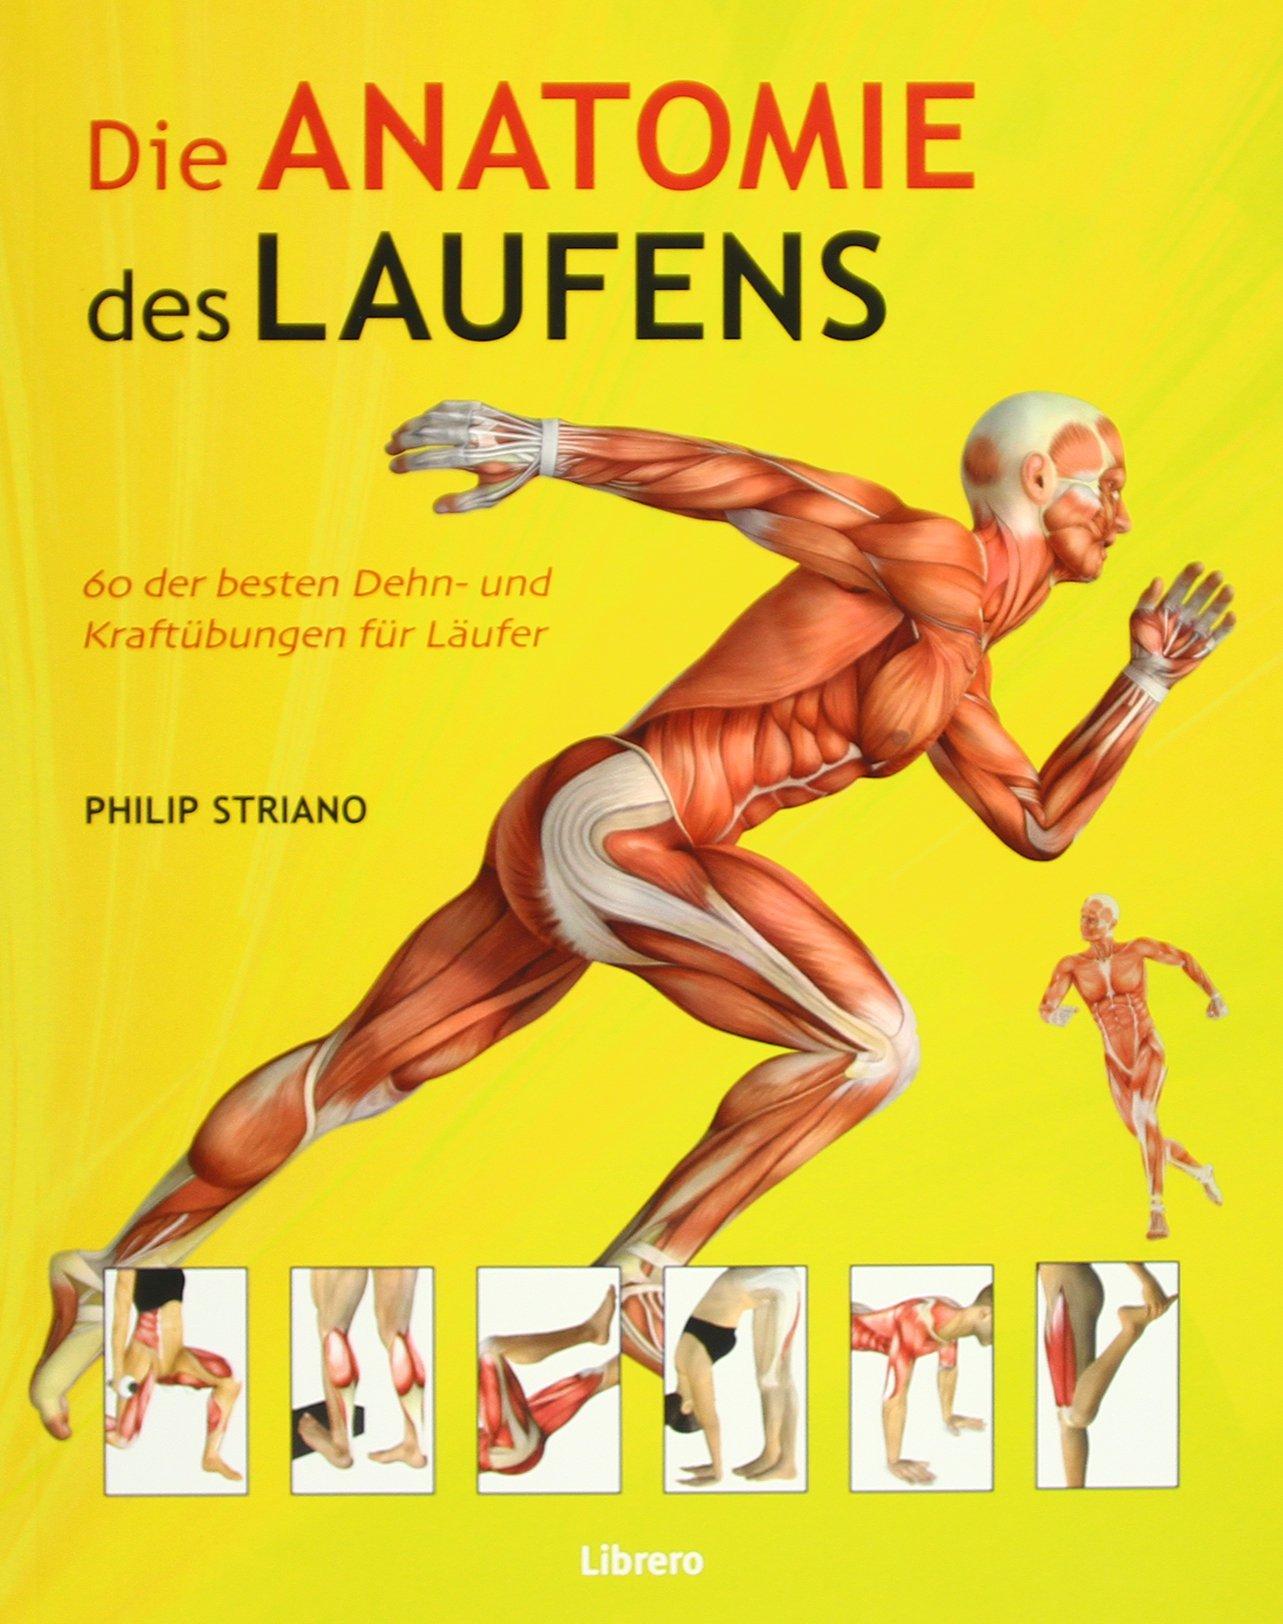 Die Anatomie des Laufens: Das Warming-up, Stretching und Cool-down ...